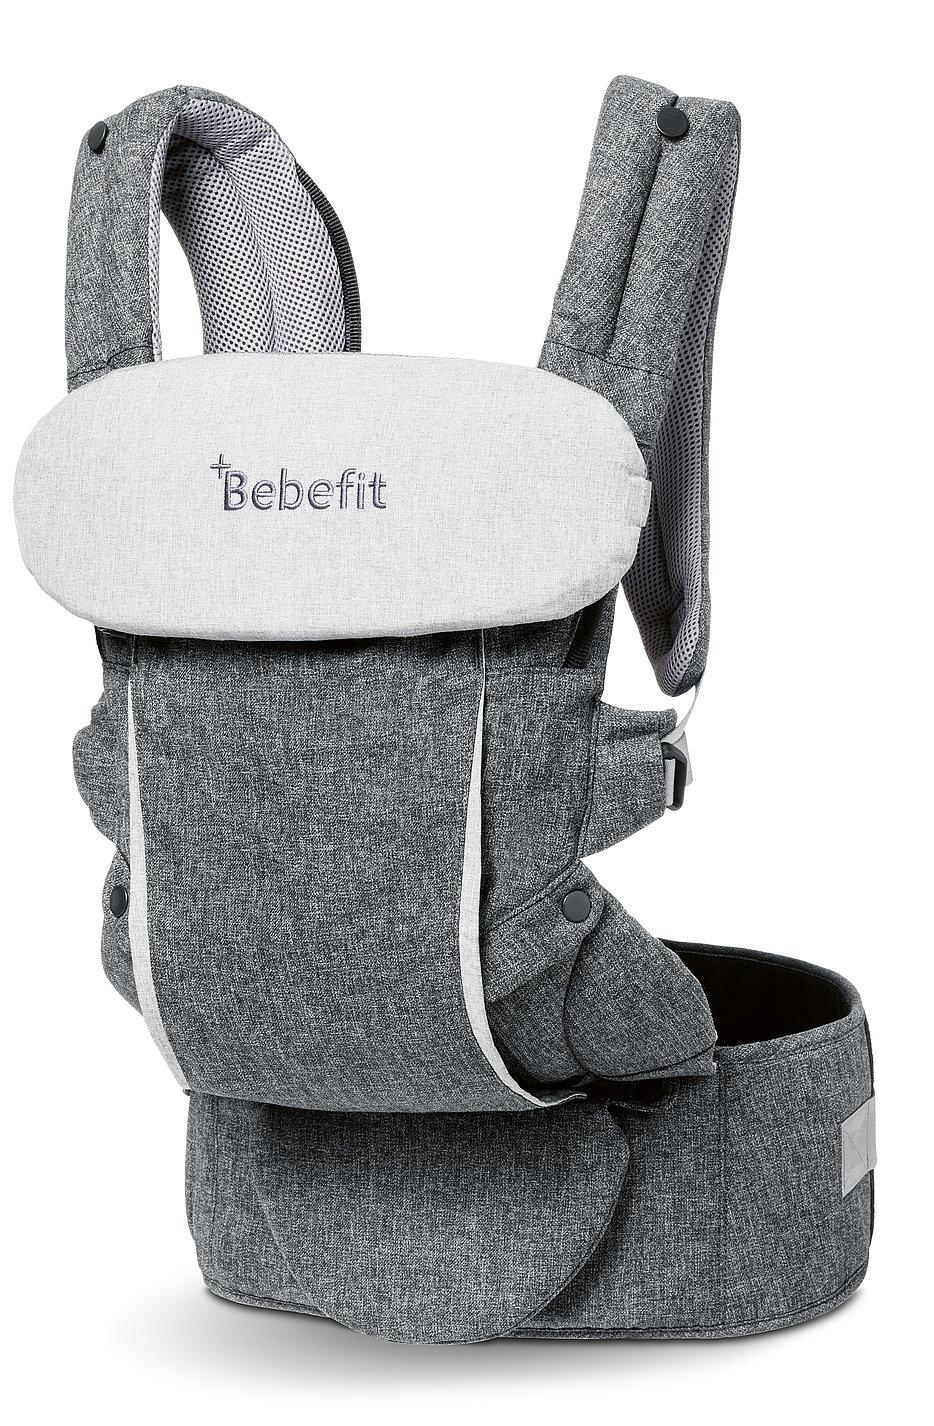 Bebefit | Red Dot Design Award